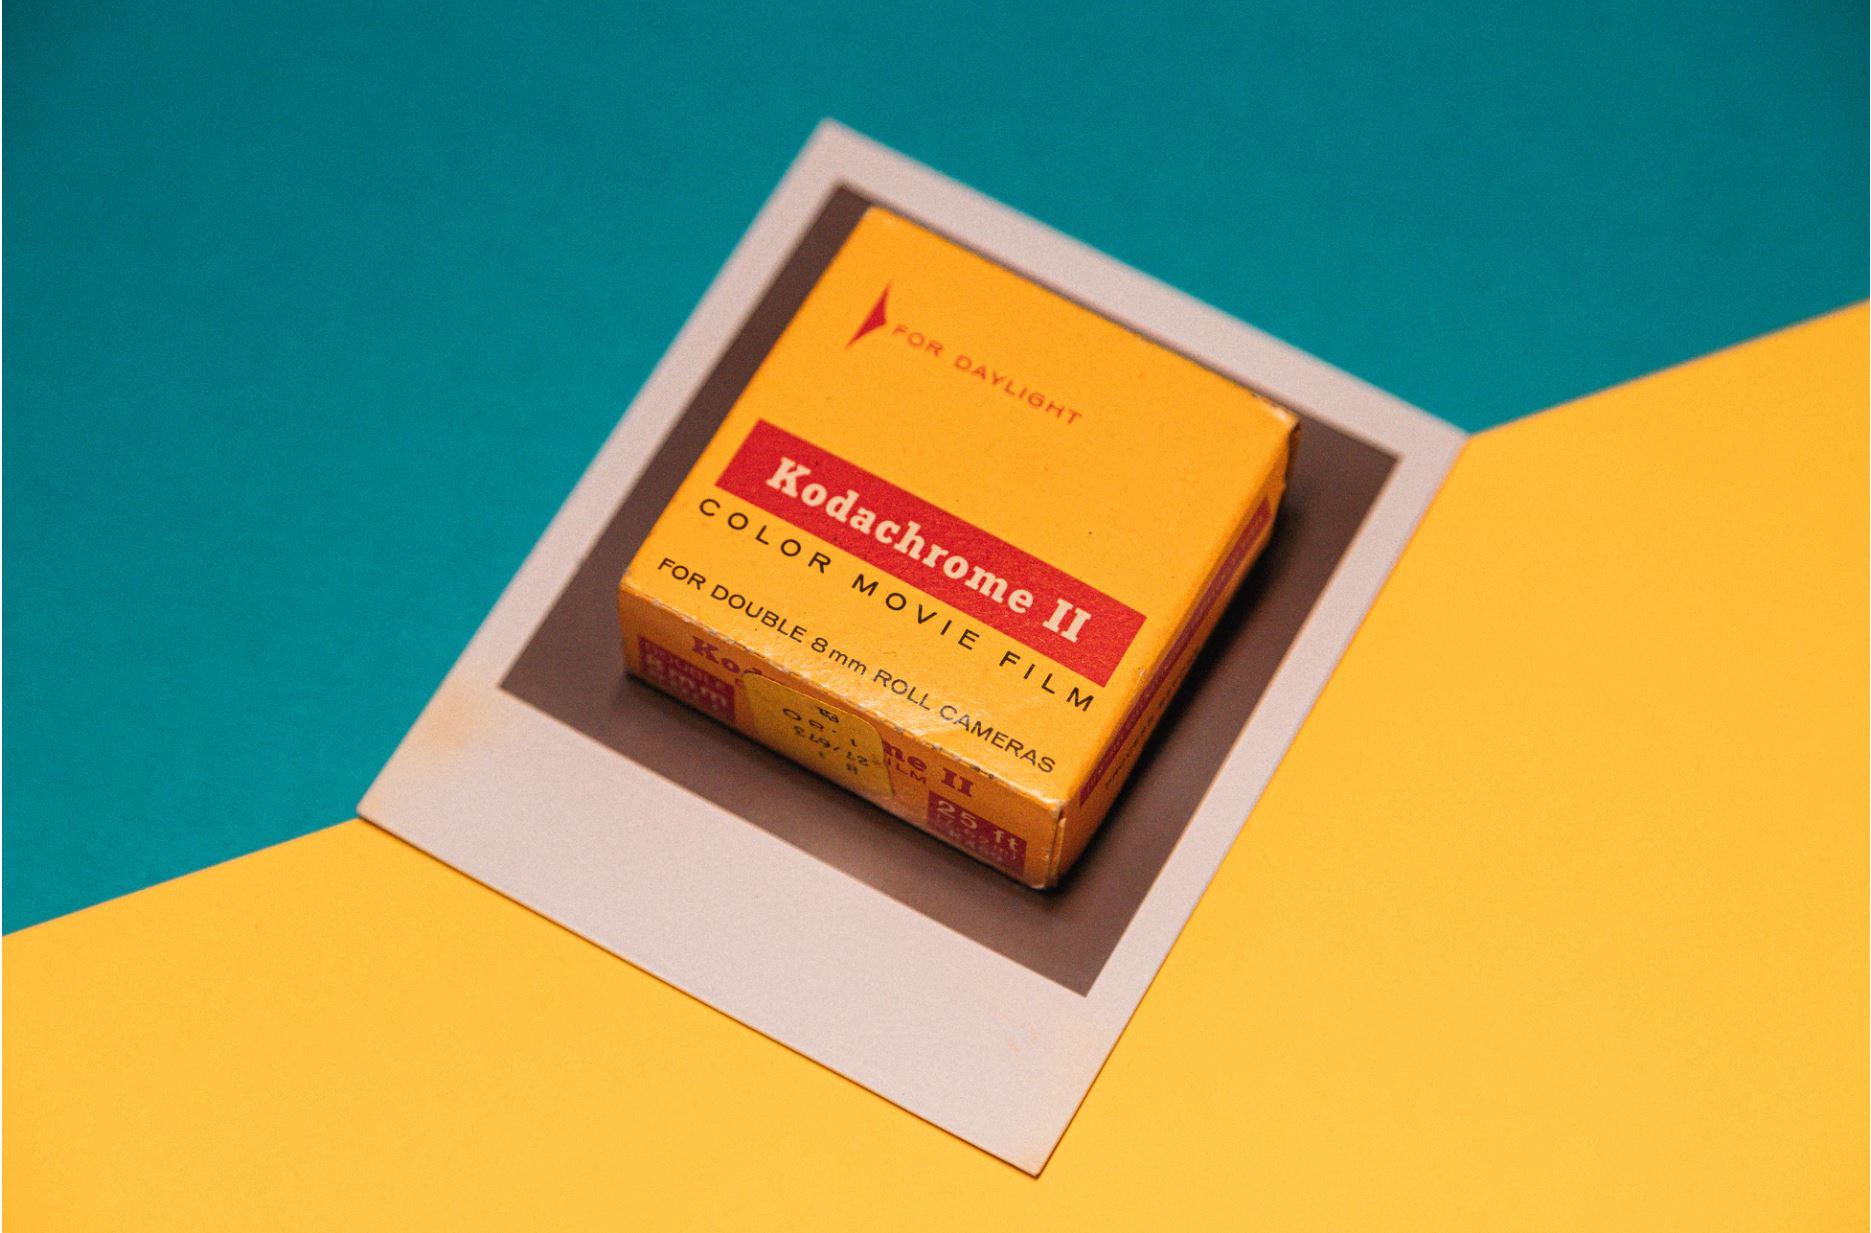 Ti ricordi Kodak? Sarà presto un'azienda farmaceutica (e ti spieghiamo il perché)